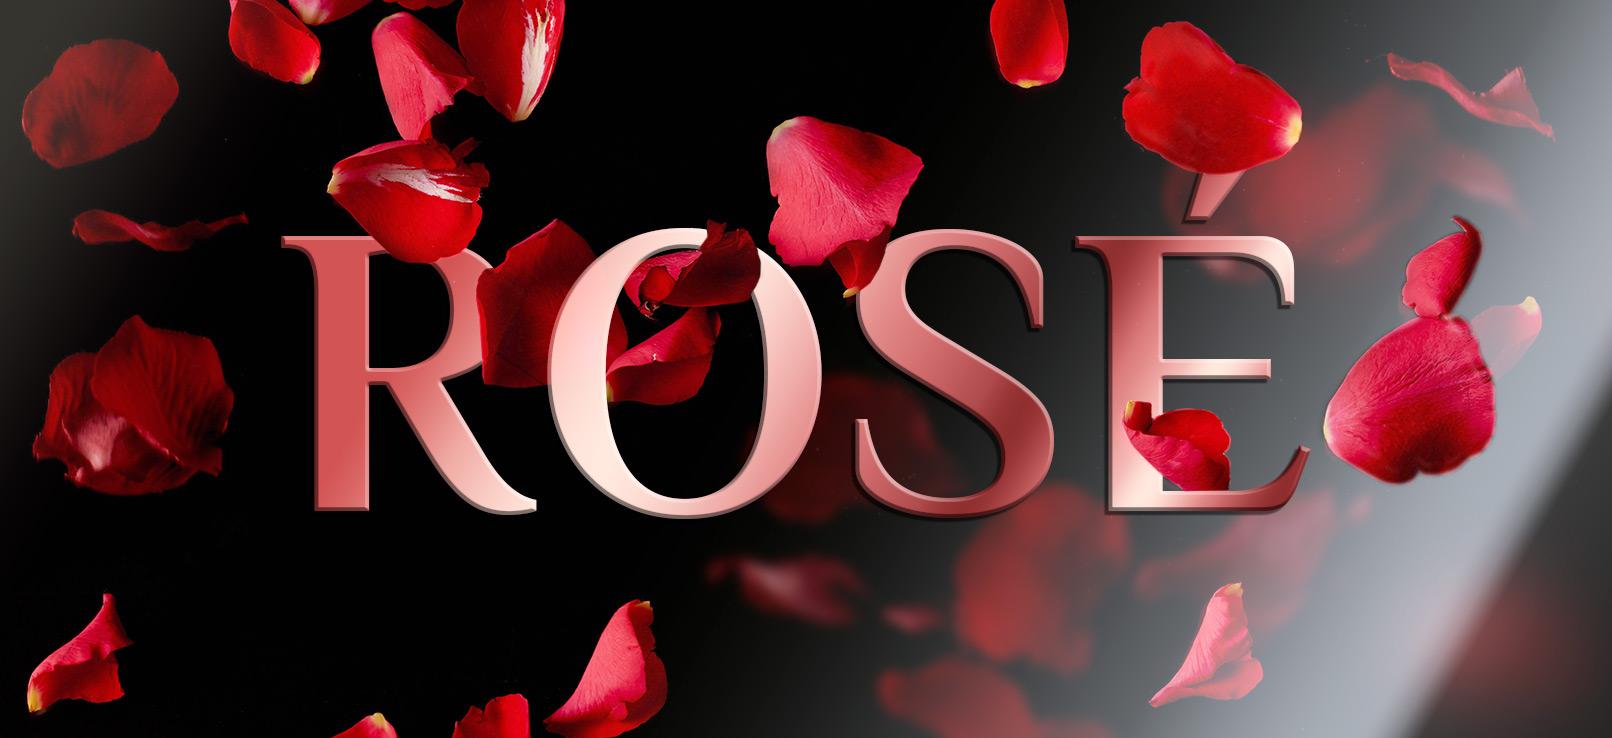 Schriftzug mit Rosenblättern. Metalleffekt über einen Farbverlauf in Photoshop eingearbeitet.